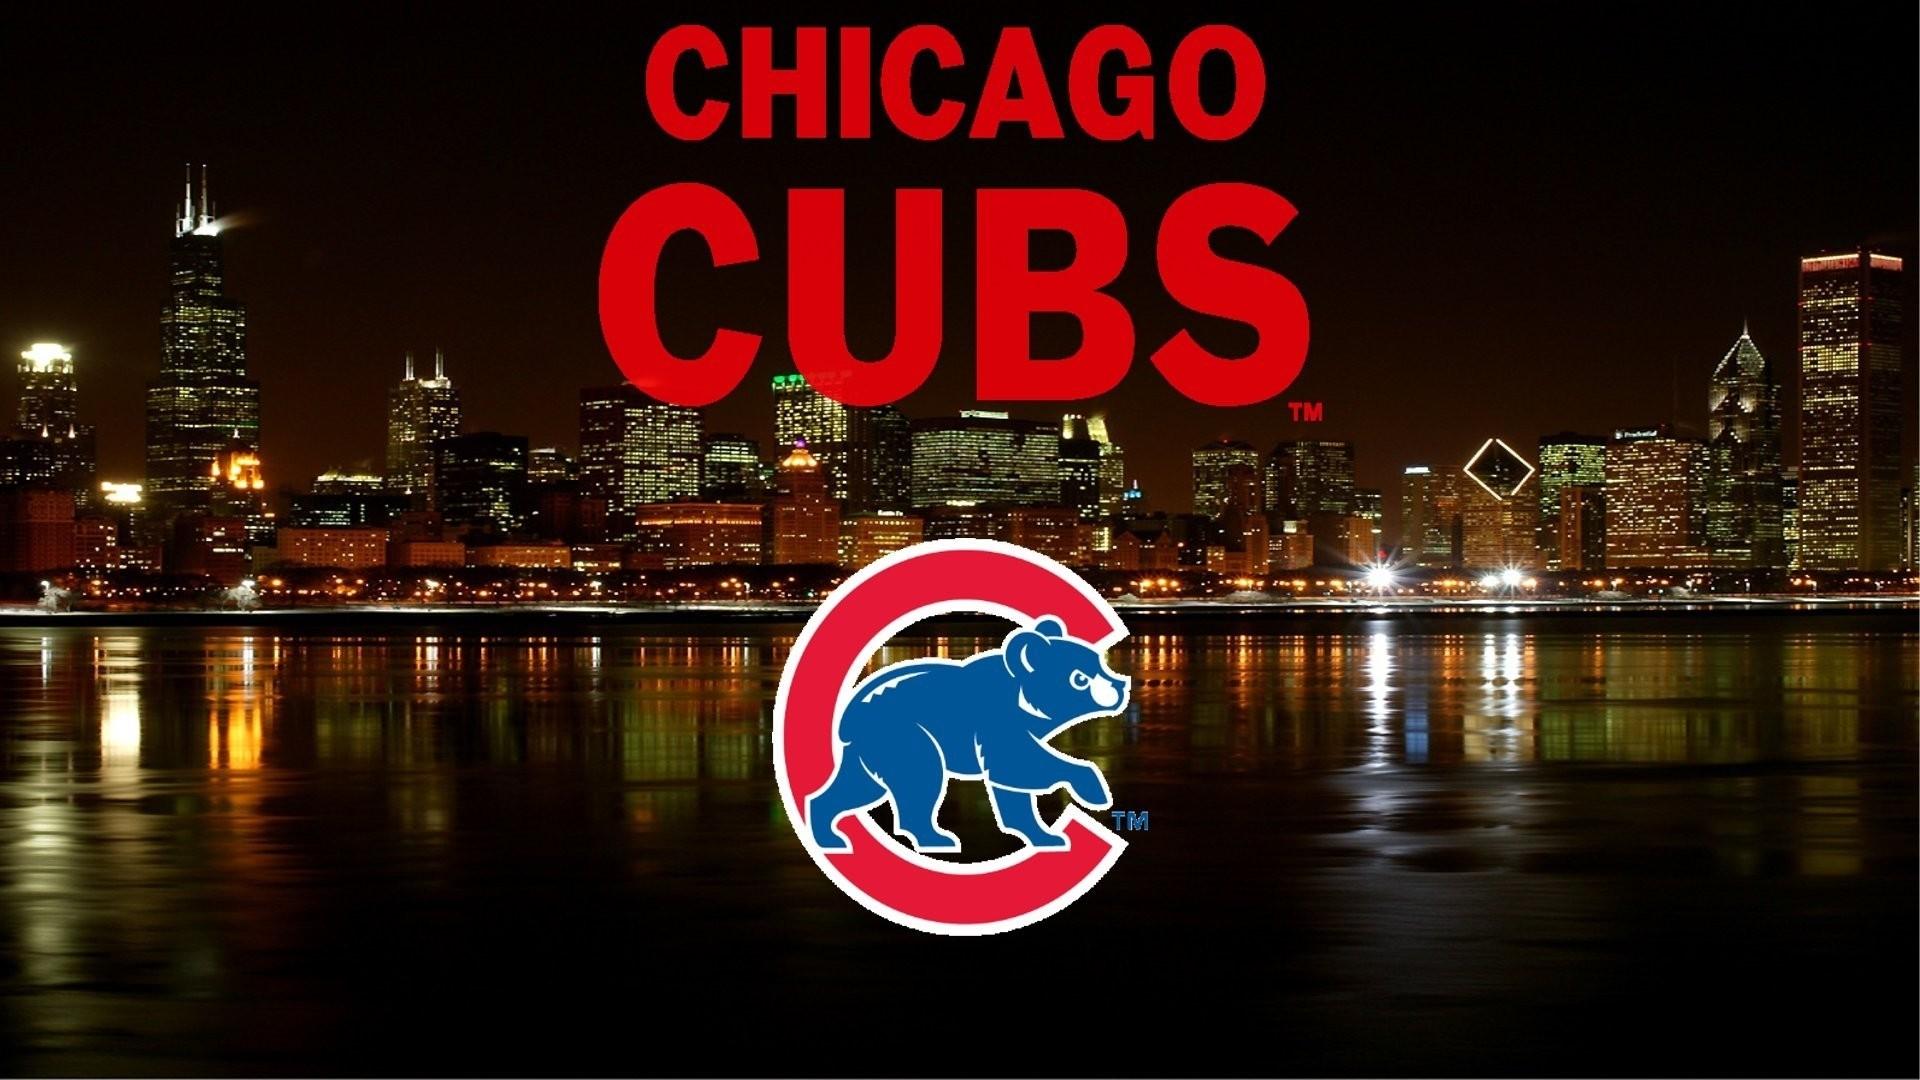 Cubs Wallpaper image hd